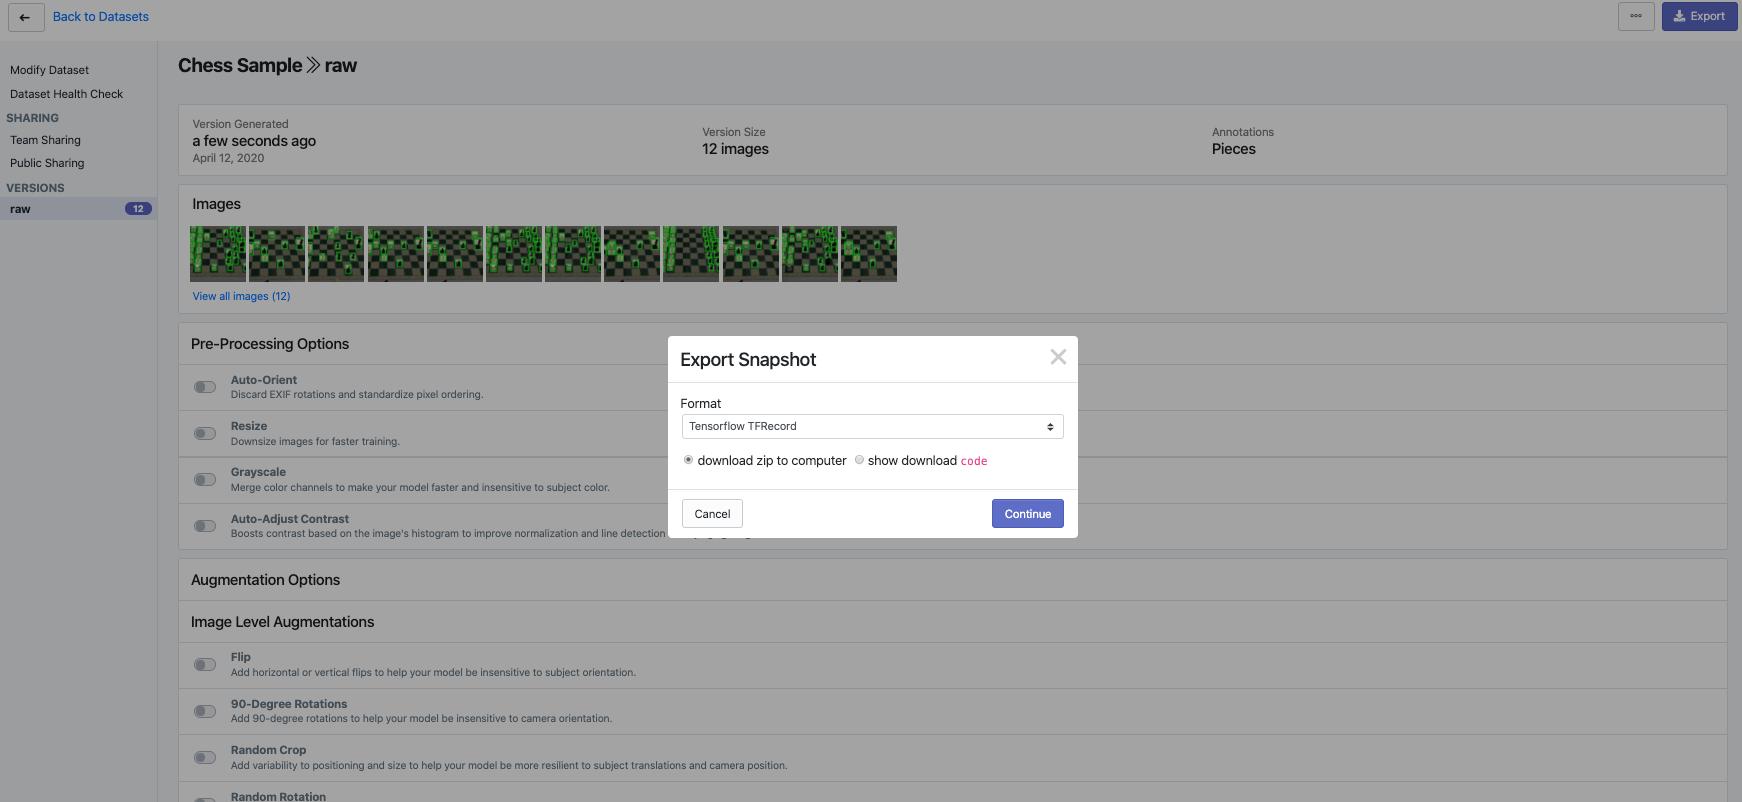 Roboflow Screenshot: Export Snapshot (Tensorflow TFRecord)